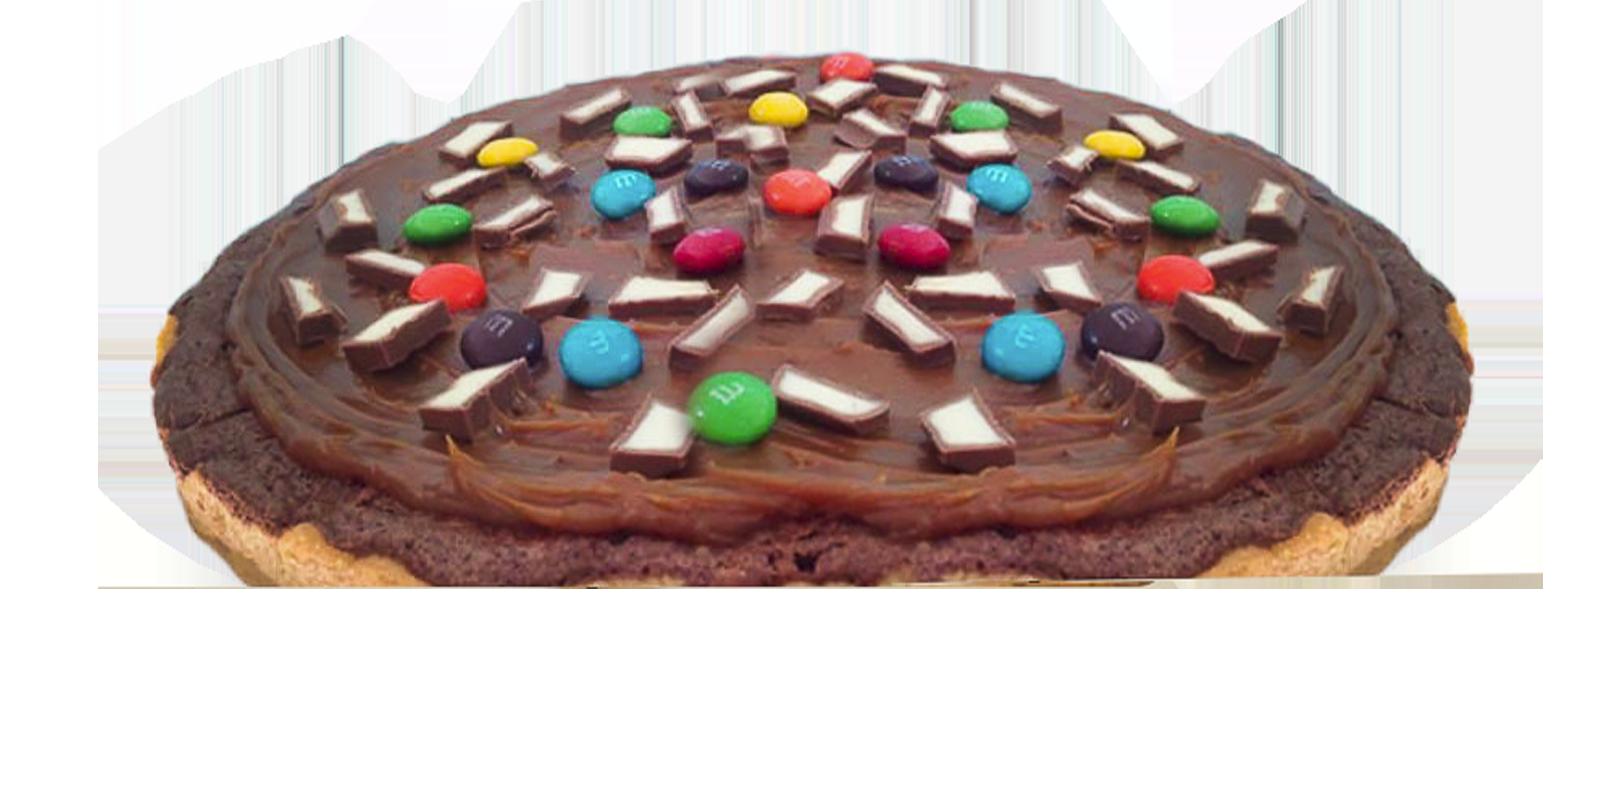 cookies-place-cookies-cake-fiesta